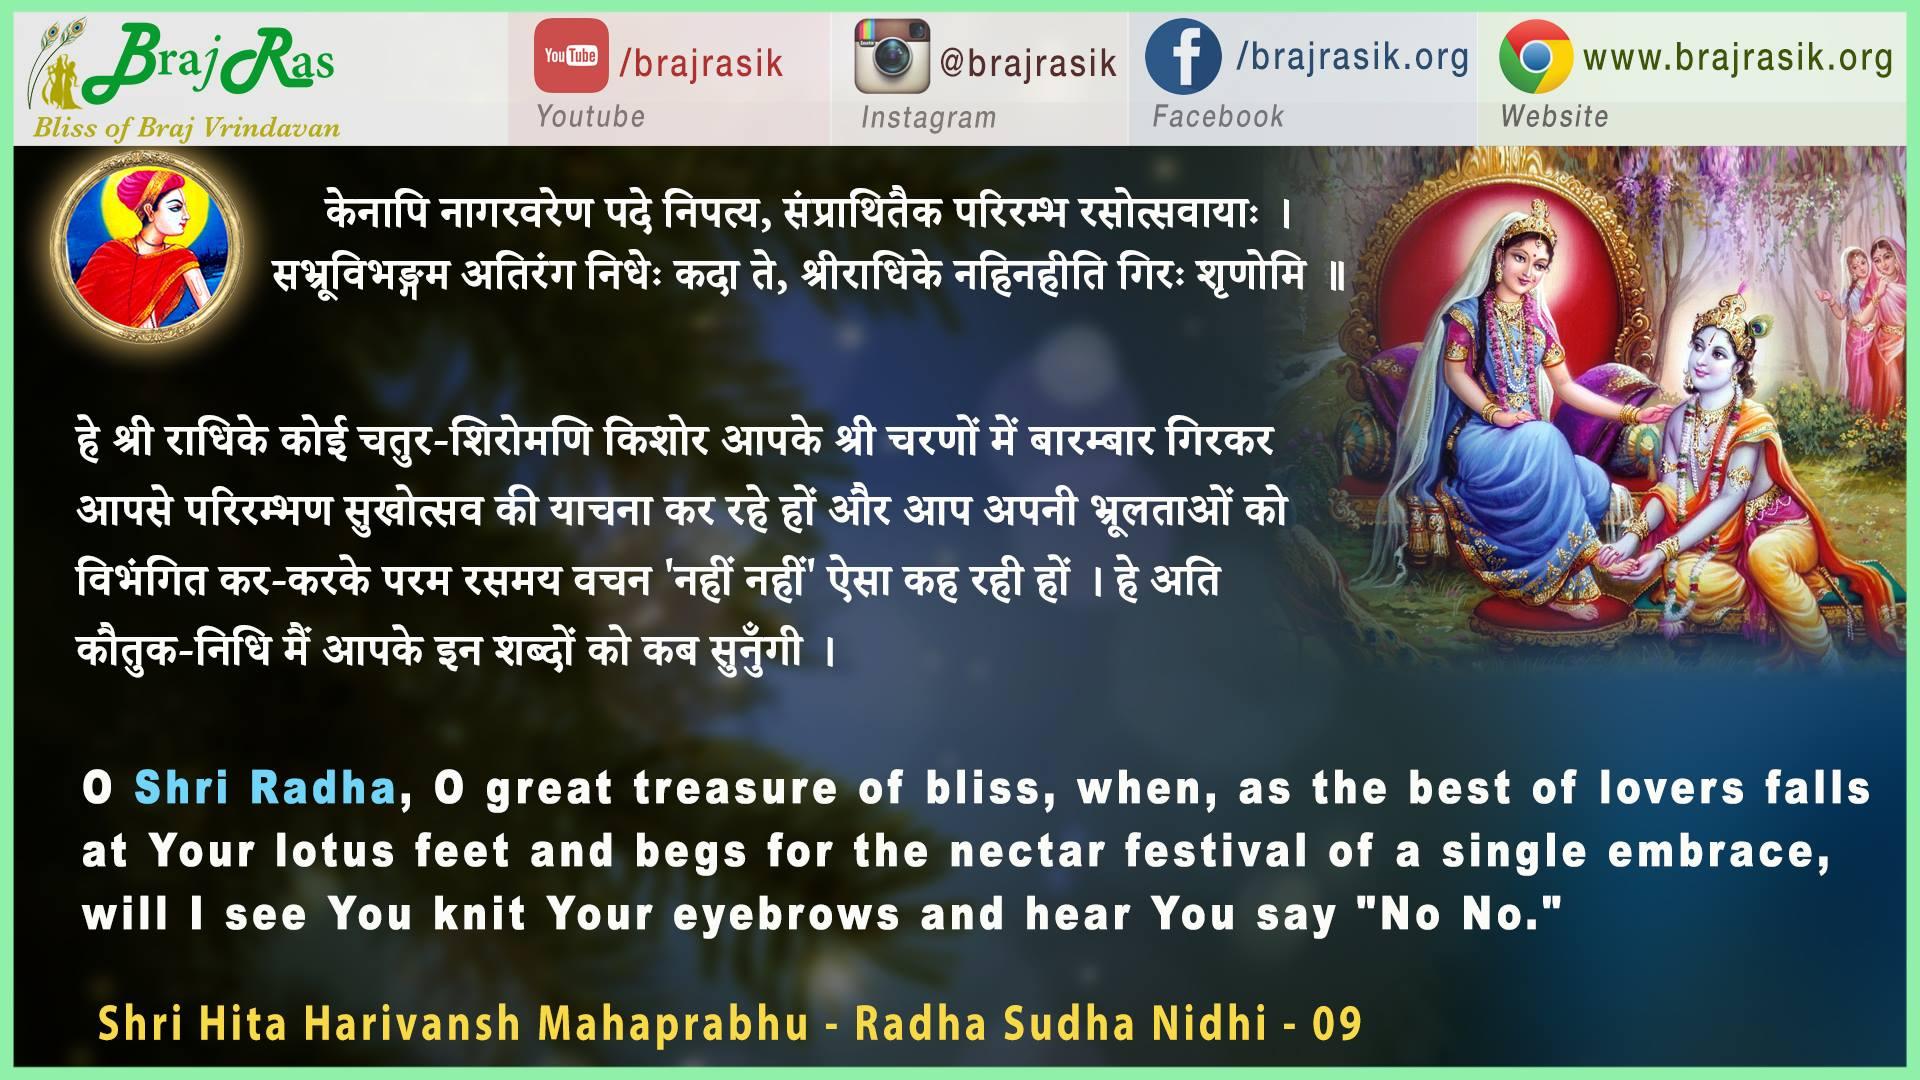 Kenapi Nagarvaren Pade Nipaty - Murali Avtar Shri Hita Harivansh Mahaprabhu - Radha Sudha Nidhi